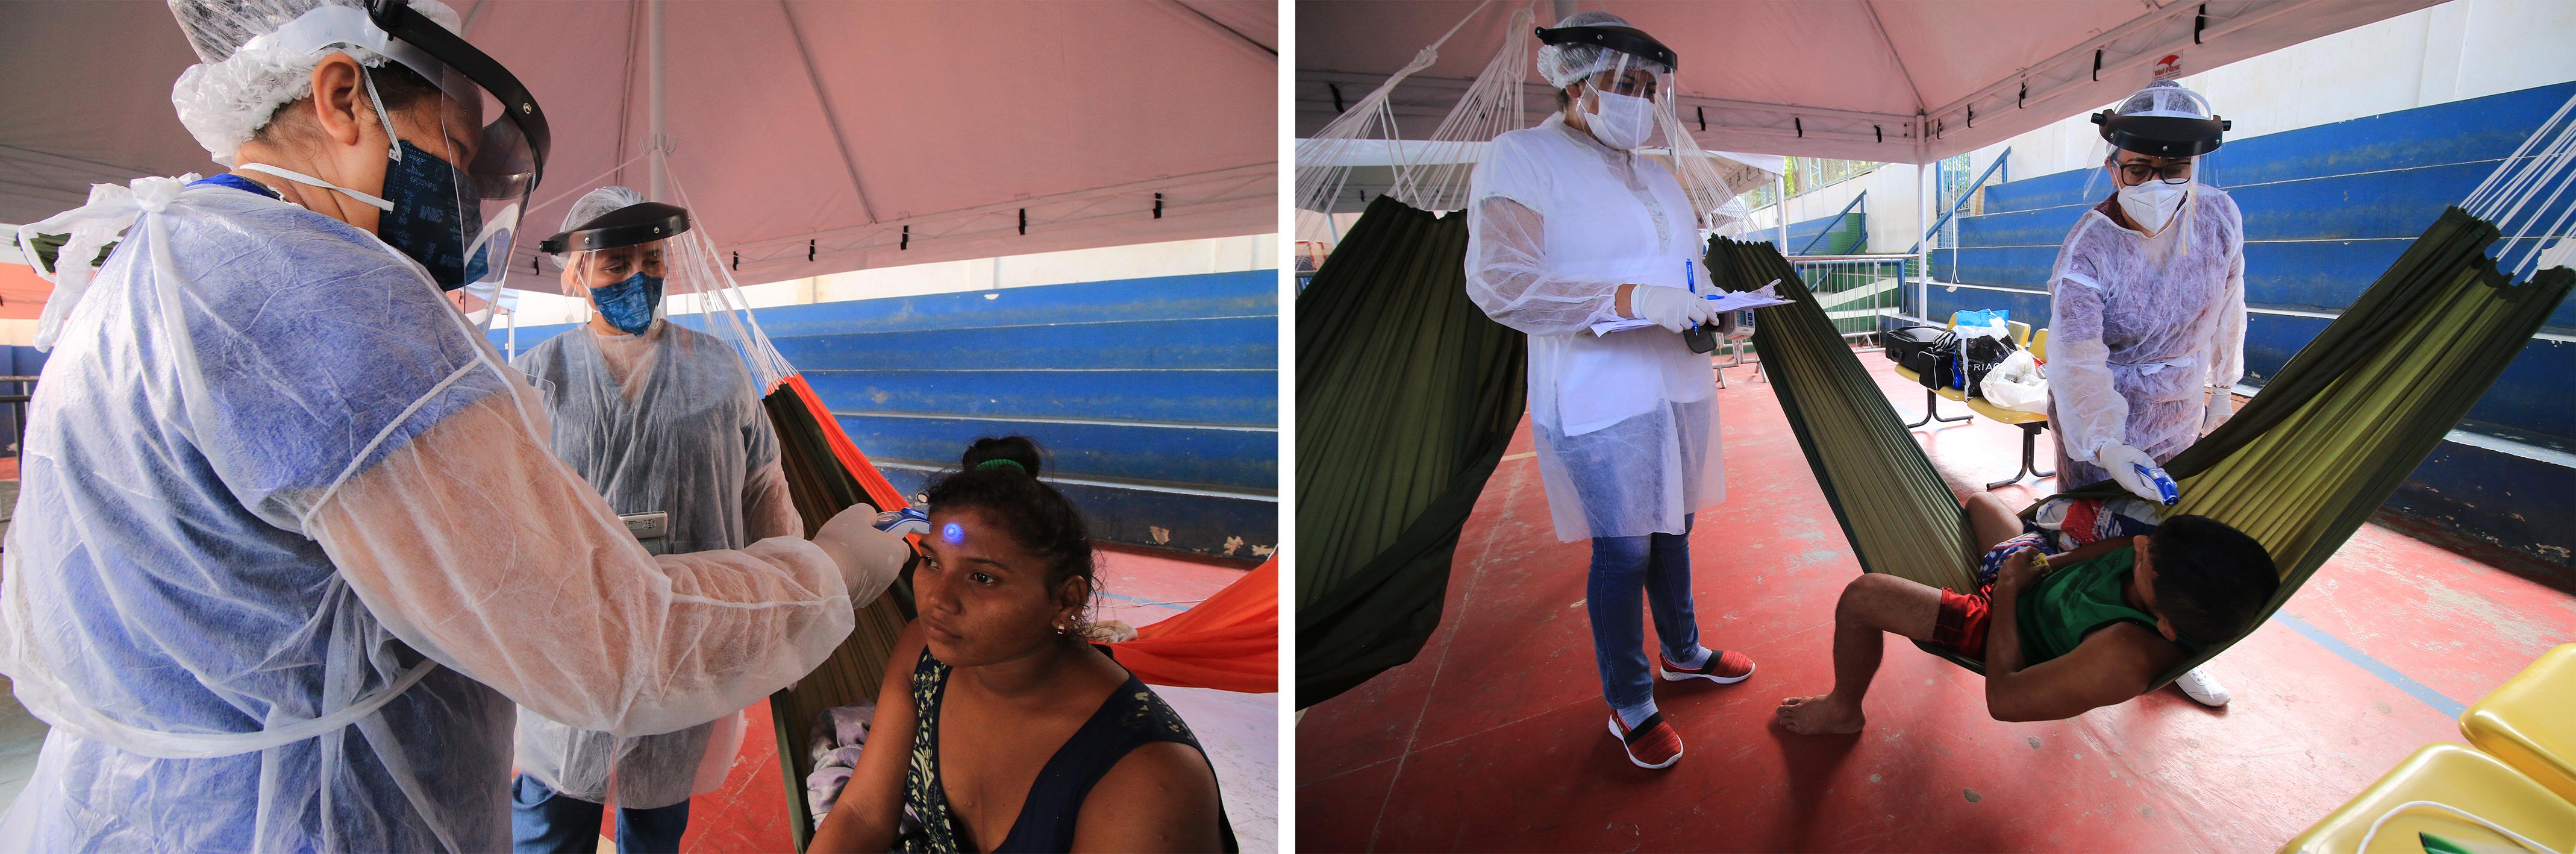 Des personnes de la communauté Warao présentant des symptômes de la Covid-19 se font prendre la température au centre d'isolement mis en place par MSF à Manaus, État d'Amazonas, Brésil, juin 2020. © Euzivaldo Queiroz/MSF